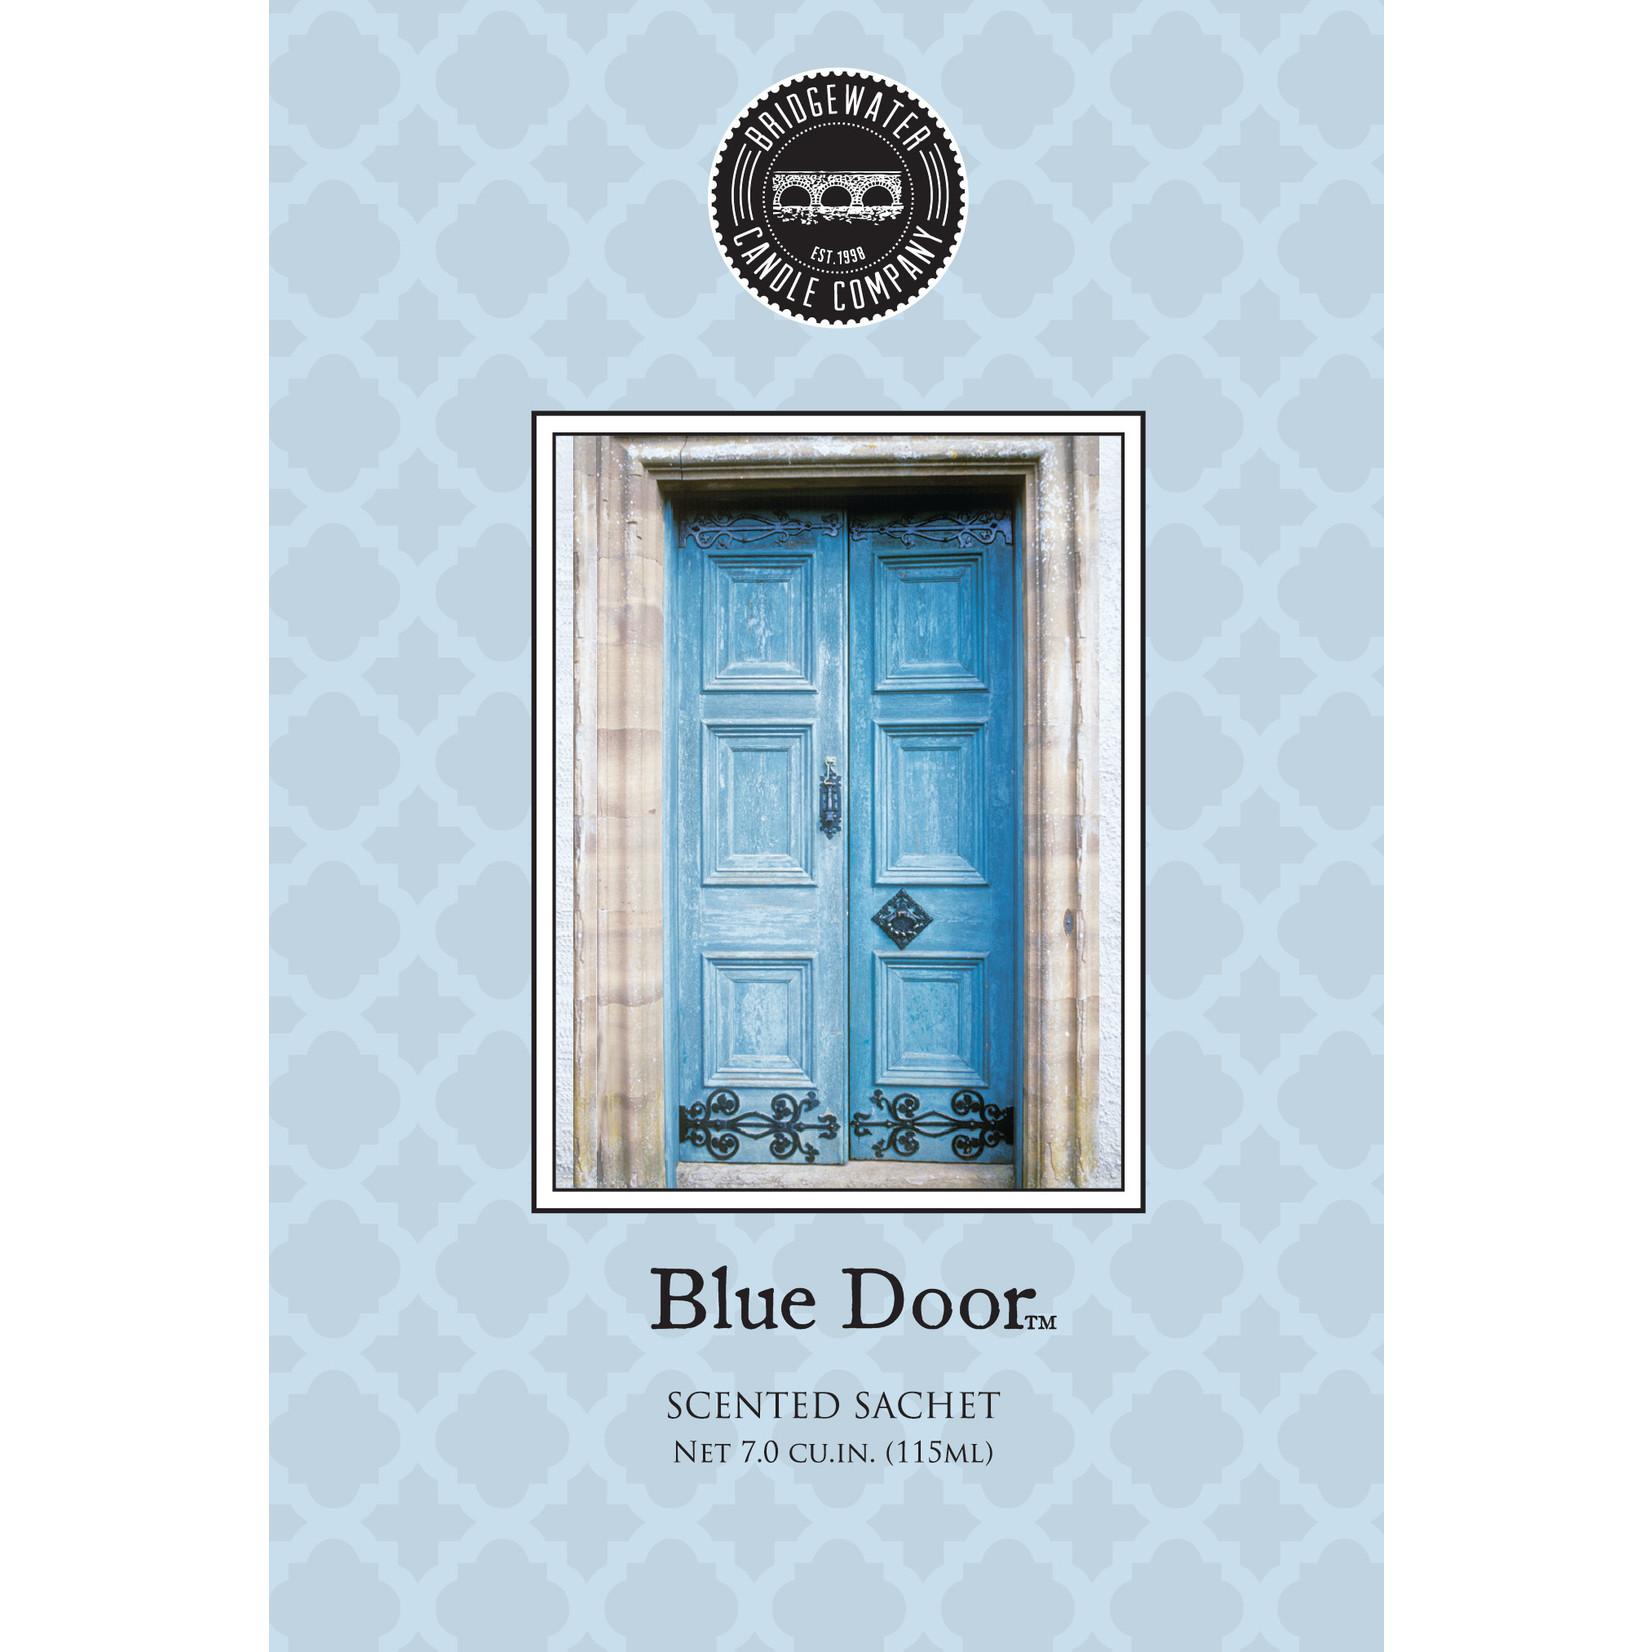 Bridgewater Scented Sachet / Geurzakje Blue Door